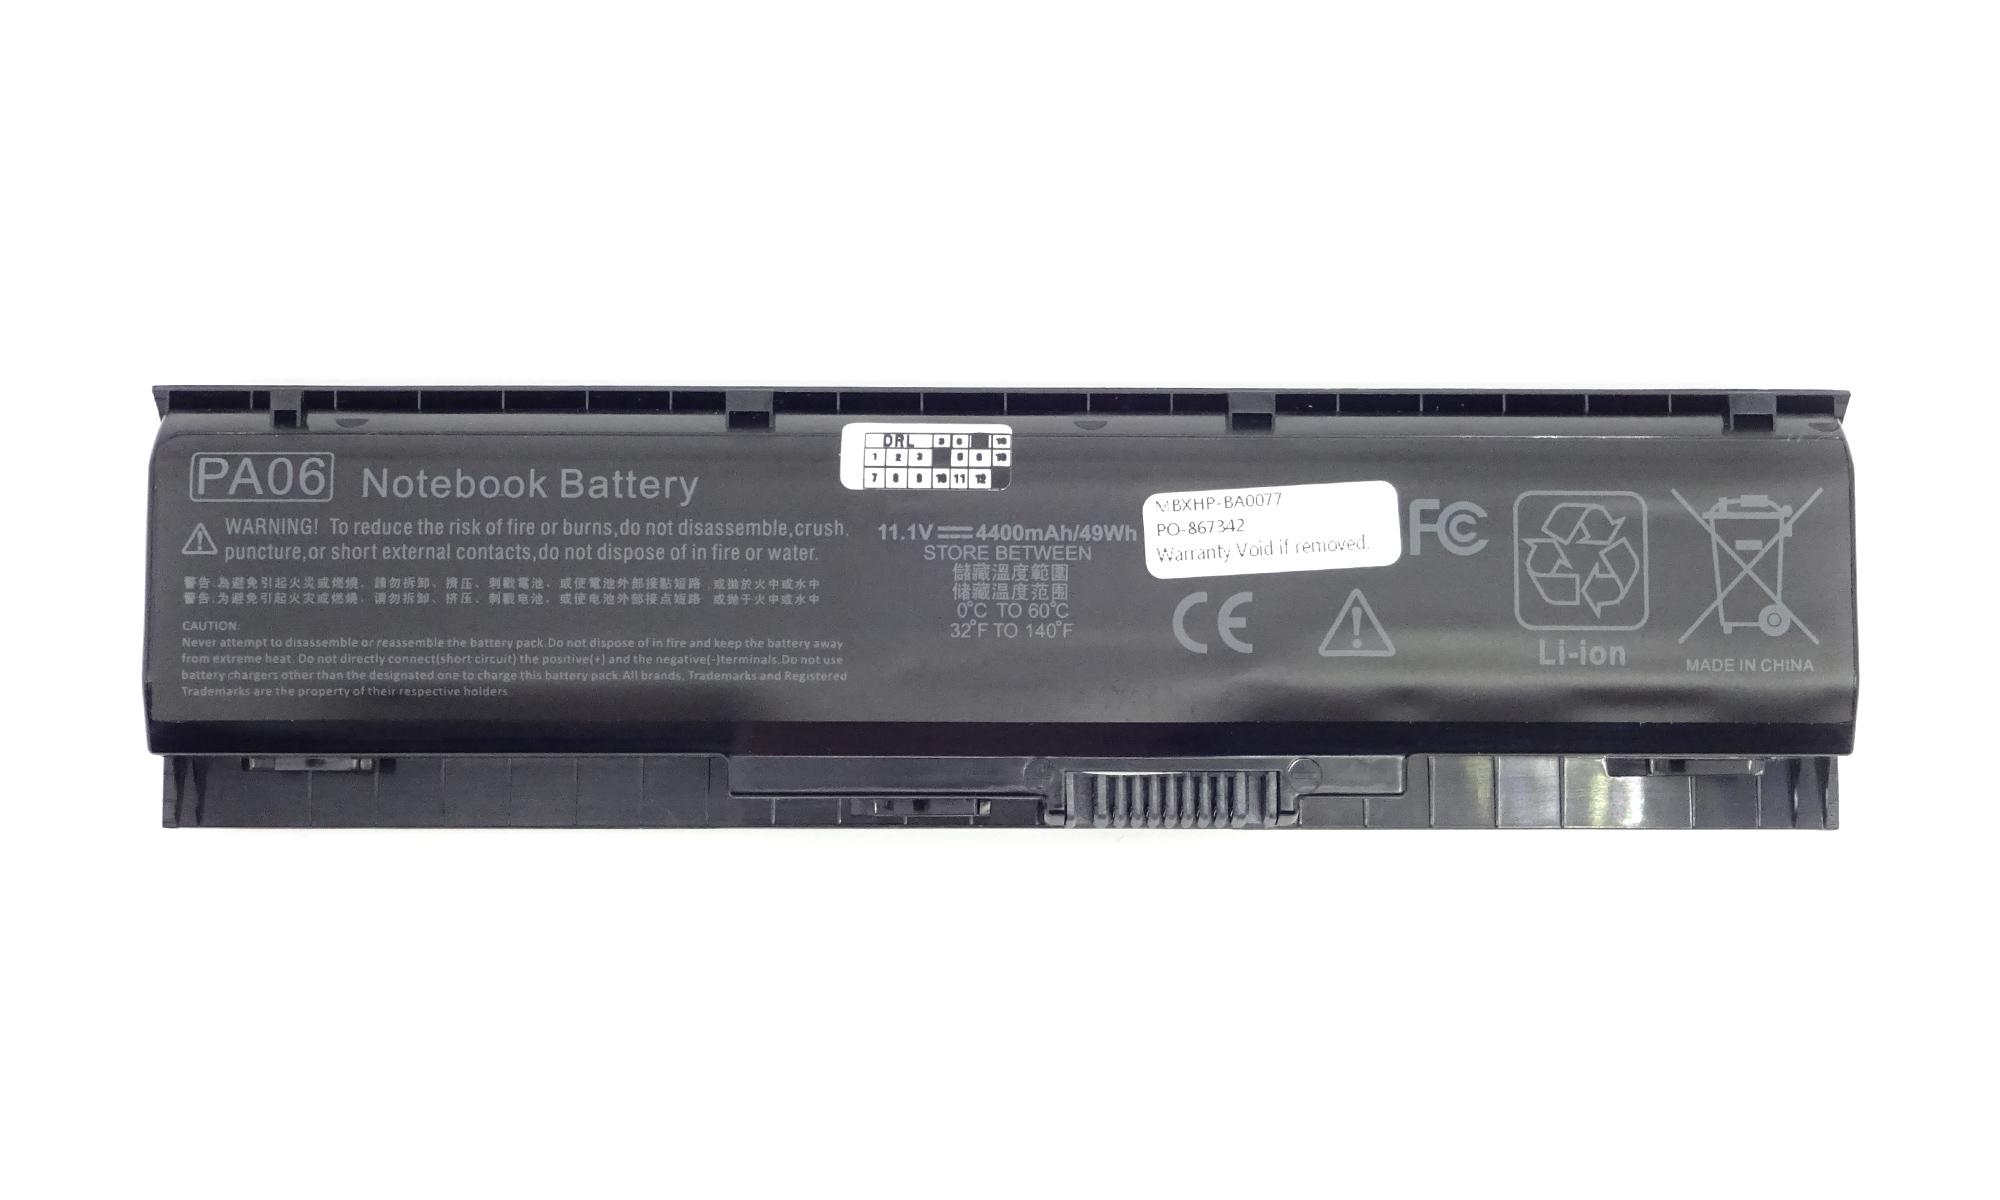 Baterie compatibila laptop HP Omen 17-W, 17T-W, Pavilion 17-AB, 11.1V, 4400mAh, 49Wh, 6 celule